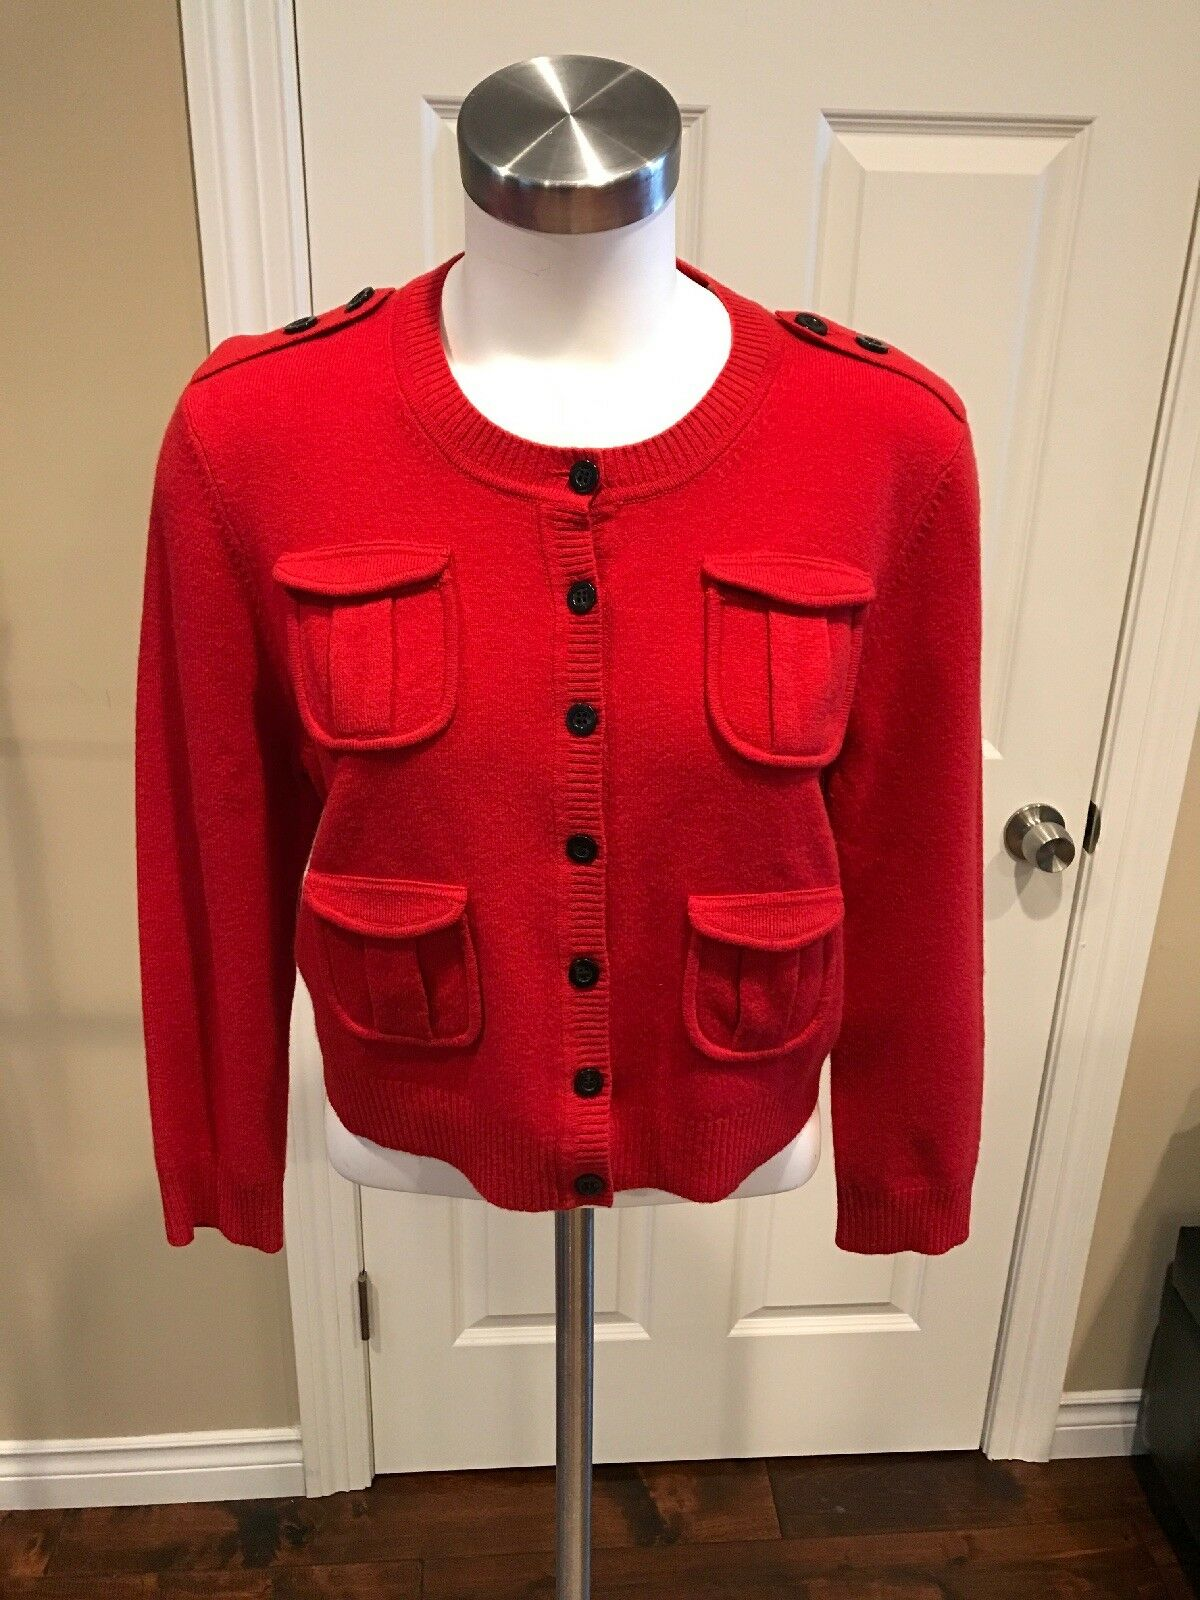 Diane Von Furstenberg Red Wool Blend Button-Up Cardigan, Size Large